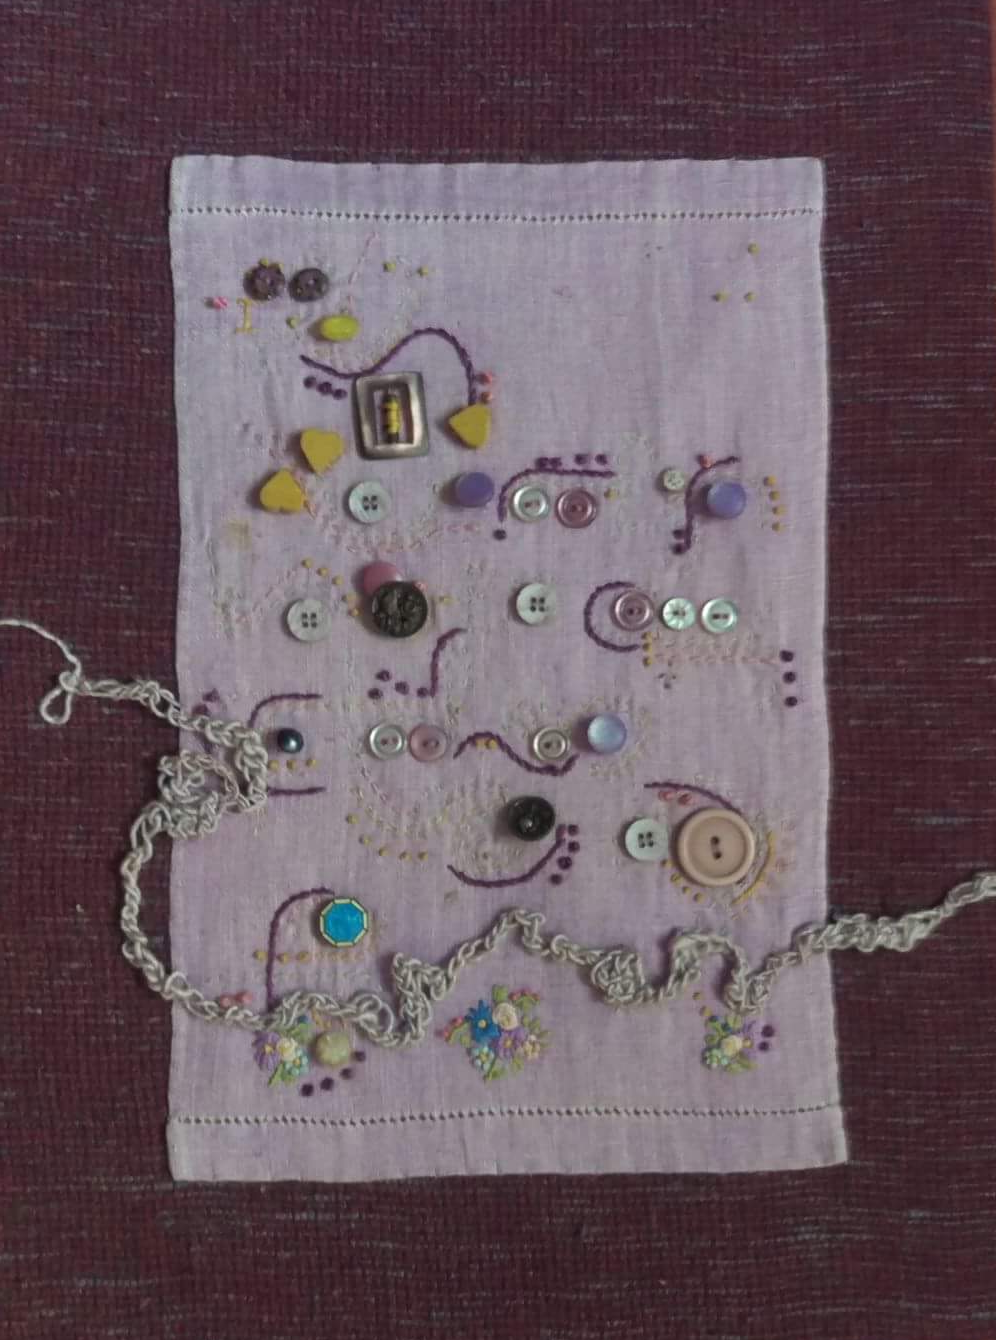 Needlework